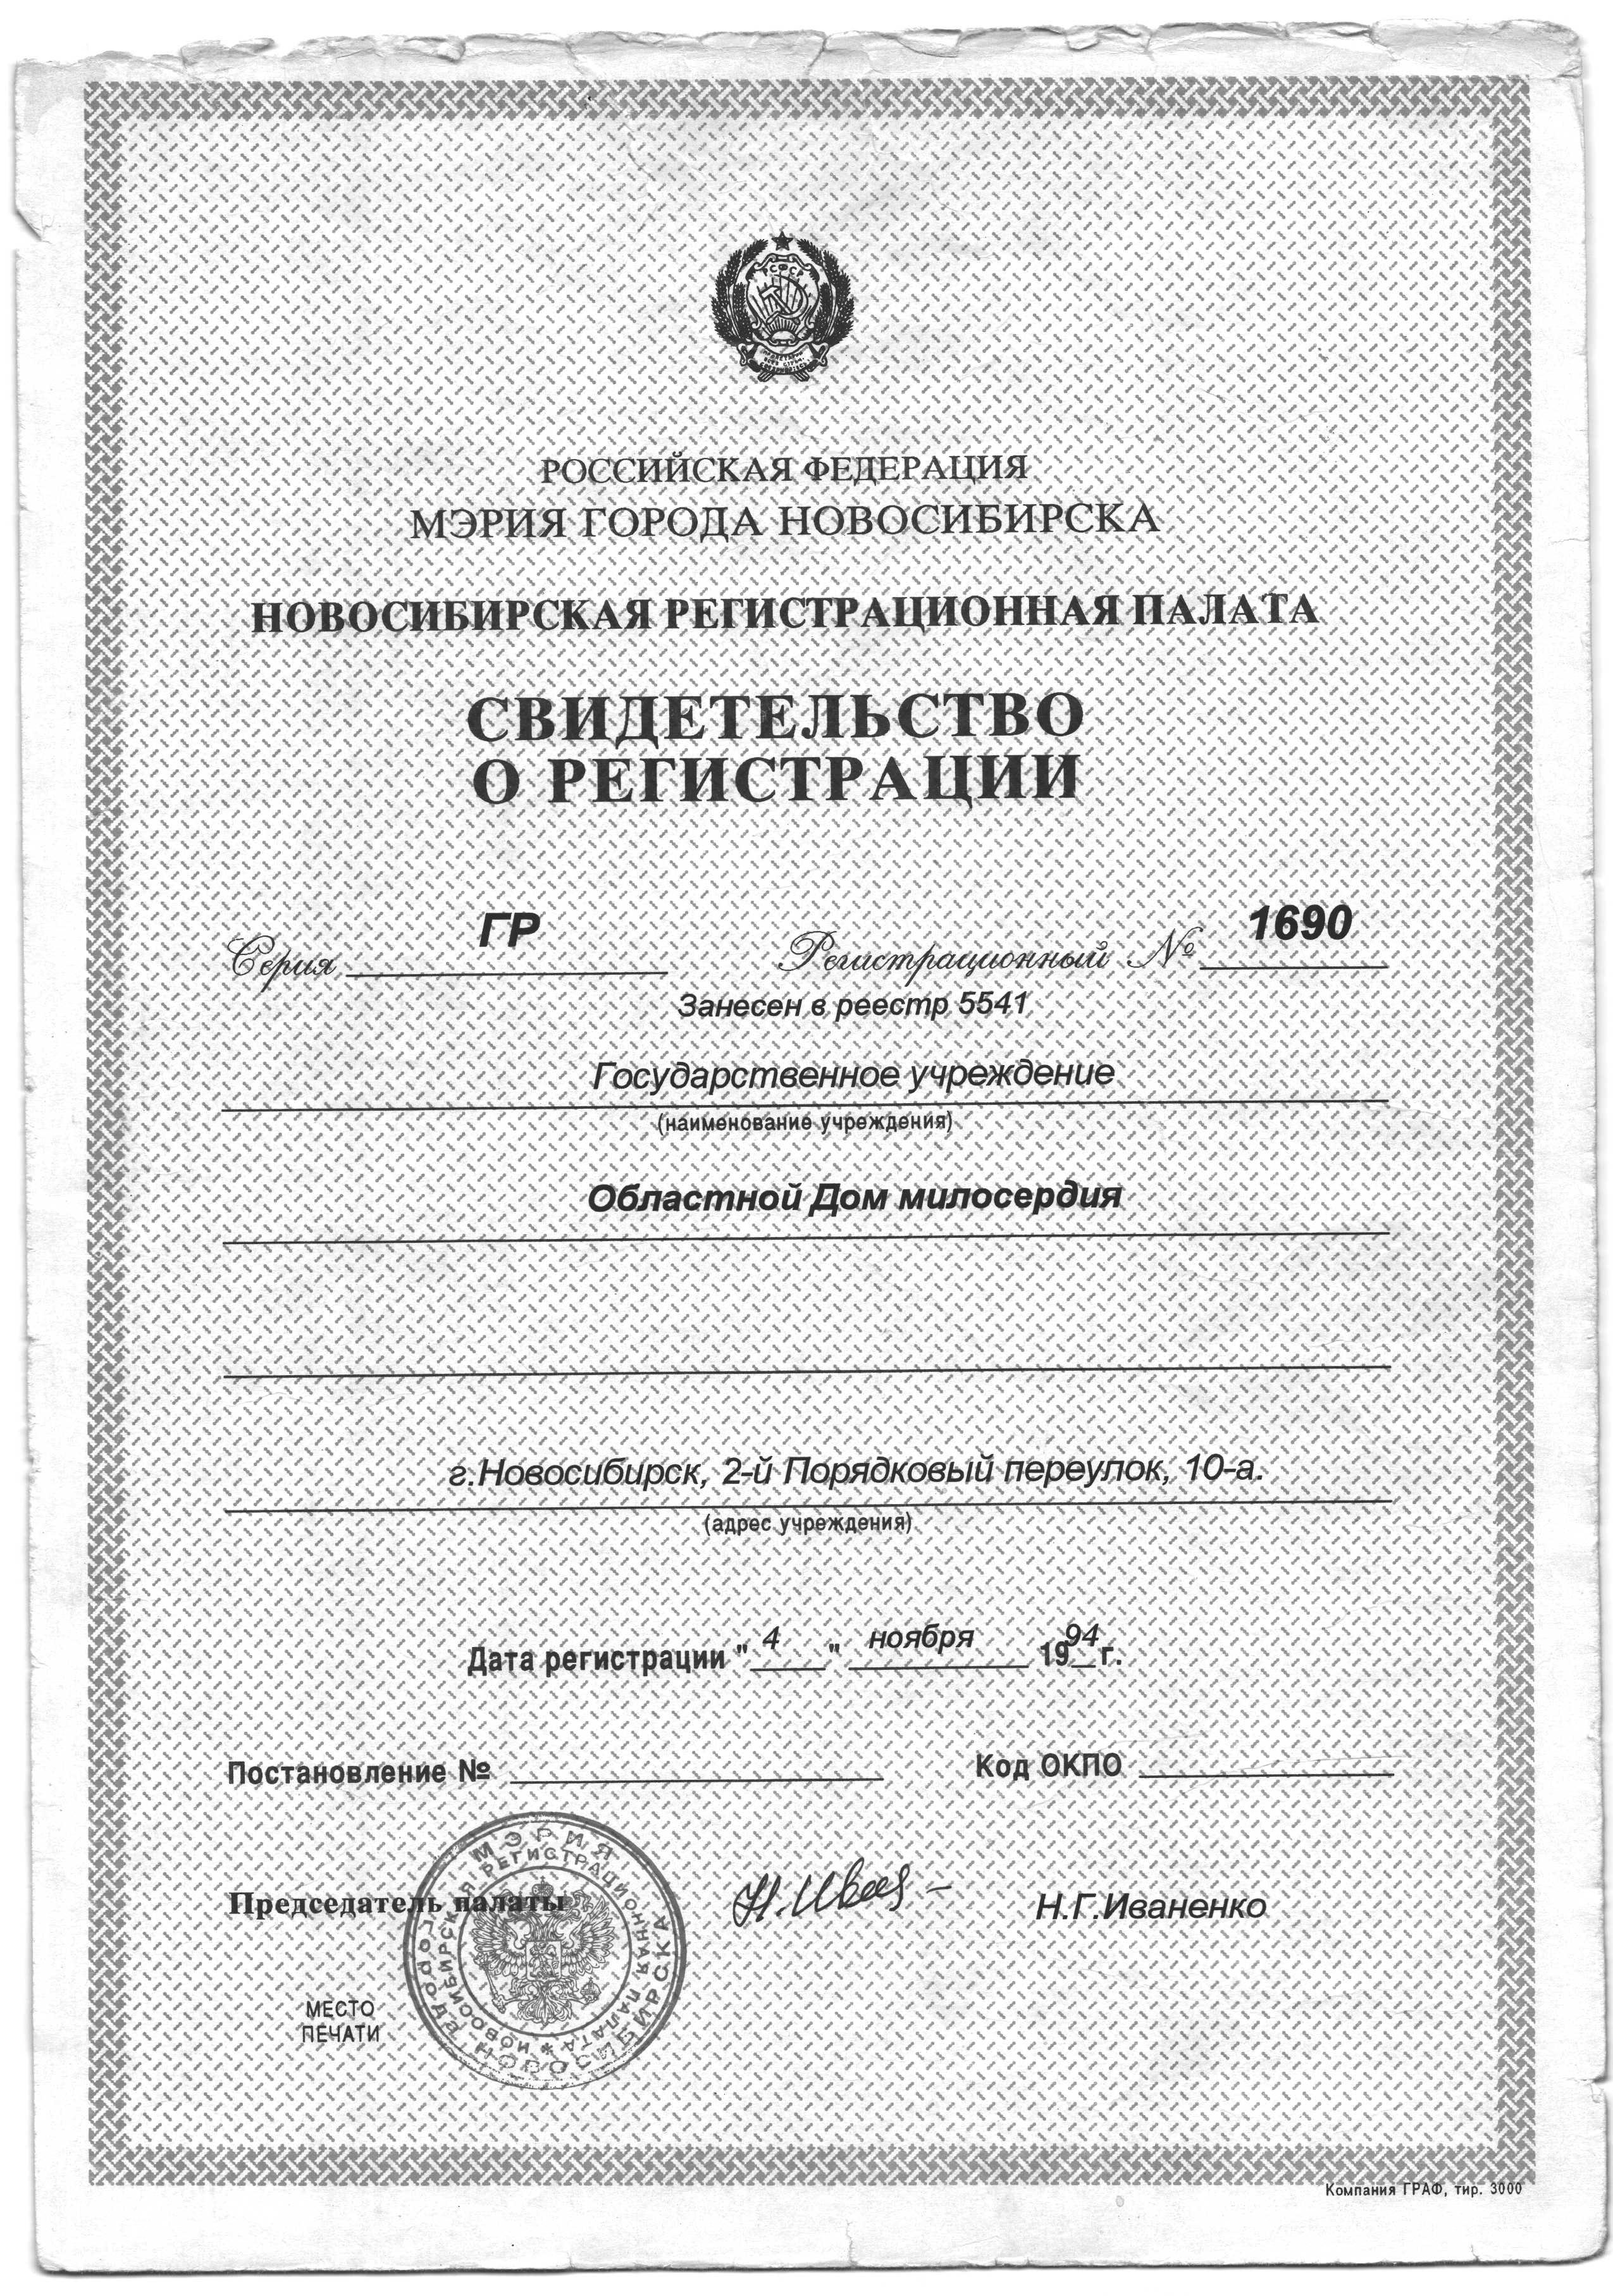 Свидетельство о регистрации (скачать)